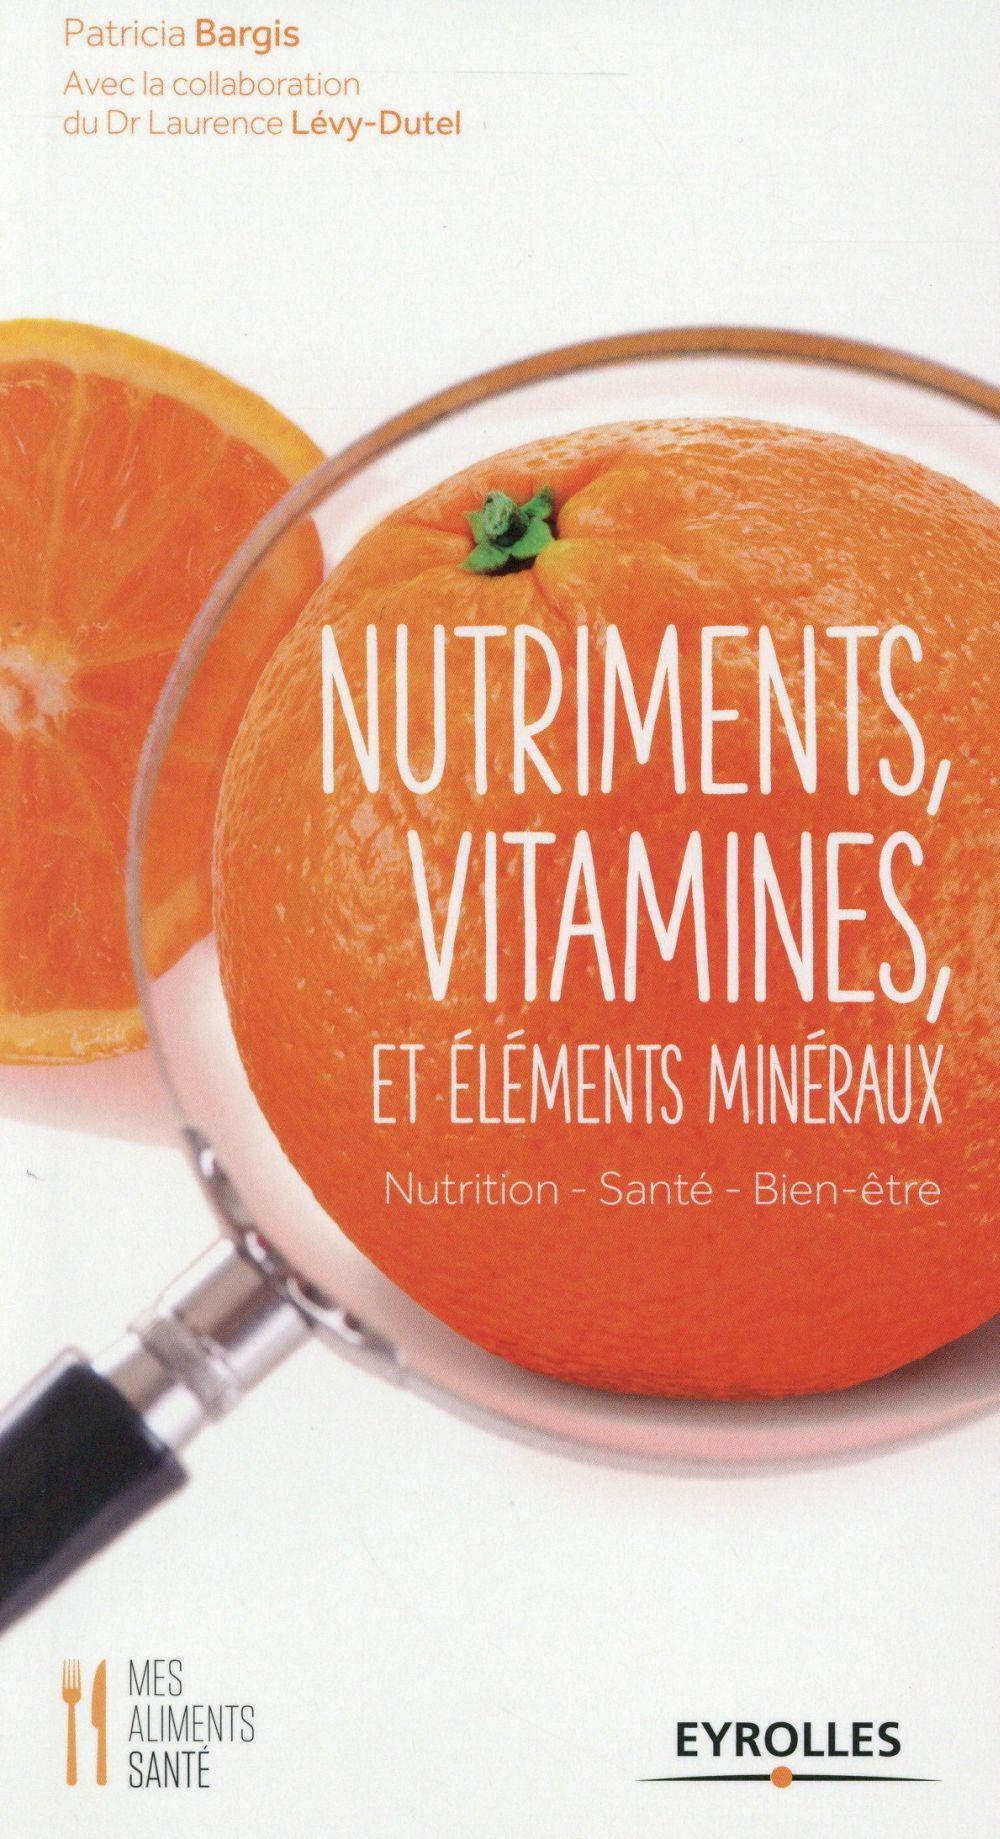 NUTRIMENTS, VITAMINES ET ELEMENTS MINERAUX NUTRITION, SANTE, BIEN-ETRE